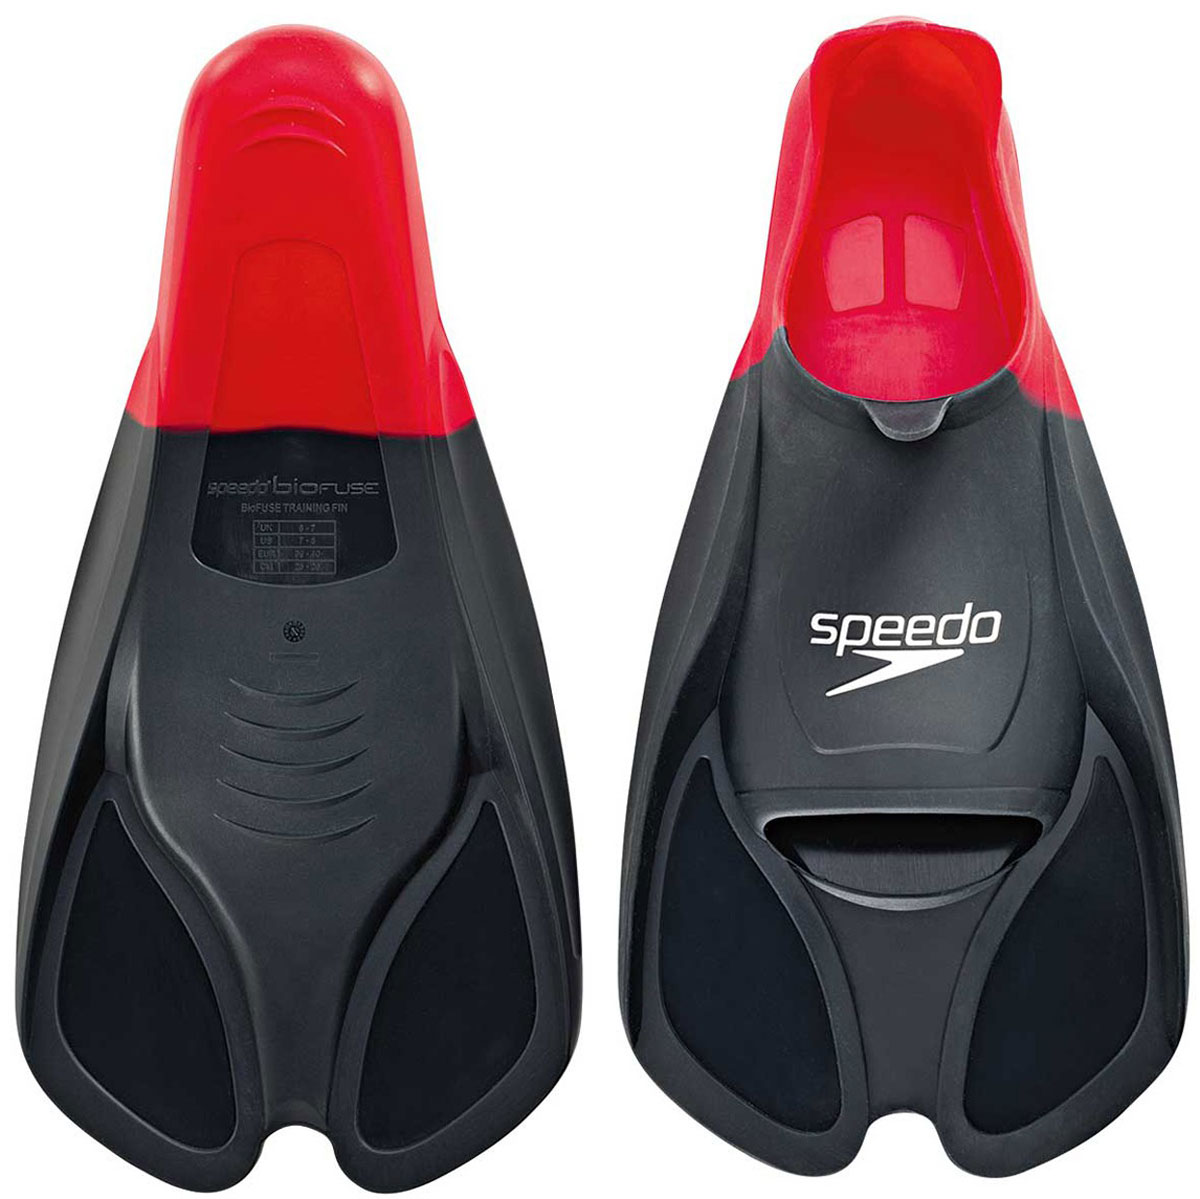 Ласты для плавания Speedo, цвет: красный. Размер 2-3. 8-0884139918-088413991_красный(2-3)Ласты Speedo Biofuse Training Fins являются незаменимым аксессуаром для тренировки силы ног, при создании которого использовалась технология SpeedoBiofuse®. Неслучайно эти ласты для плавания предпочитает использовать многократный олимпийский чемпион Майкл Фелпс. Достаточно жесткие лопасти позволяют создать мощную тягу в воде при естественном темпе работы ног. Специальный узор на поверхности подошвы позволяет получить надежное сцепление с поверхностью бассейна. Форма башмака Speedo Biofuse Training Fin способствует развитию гибкости стопы, что позволяет сделать работу ног более эффективной. Башмак изготовлен из мягкого силикона, который не натирает кожу и прекрасно растягивается. Ласты для плавания Speedo Biofuse Tech Fin отлично подходят для тренировки работы ног в спринте, а также для повышения качества работы ног во время обучения плаванию.Специалисты Proswim.ru рекомендуют Speedo Biofuse Training Fin спортсменам-спринтерам, а также всем, кто имеет желание увеличить силу ног. Ласты для плавания станут вашим лучшим помощником на пути совершенствования работы ног.